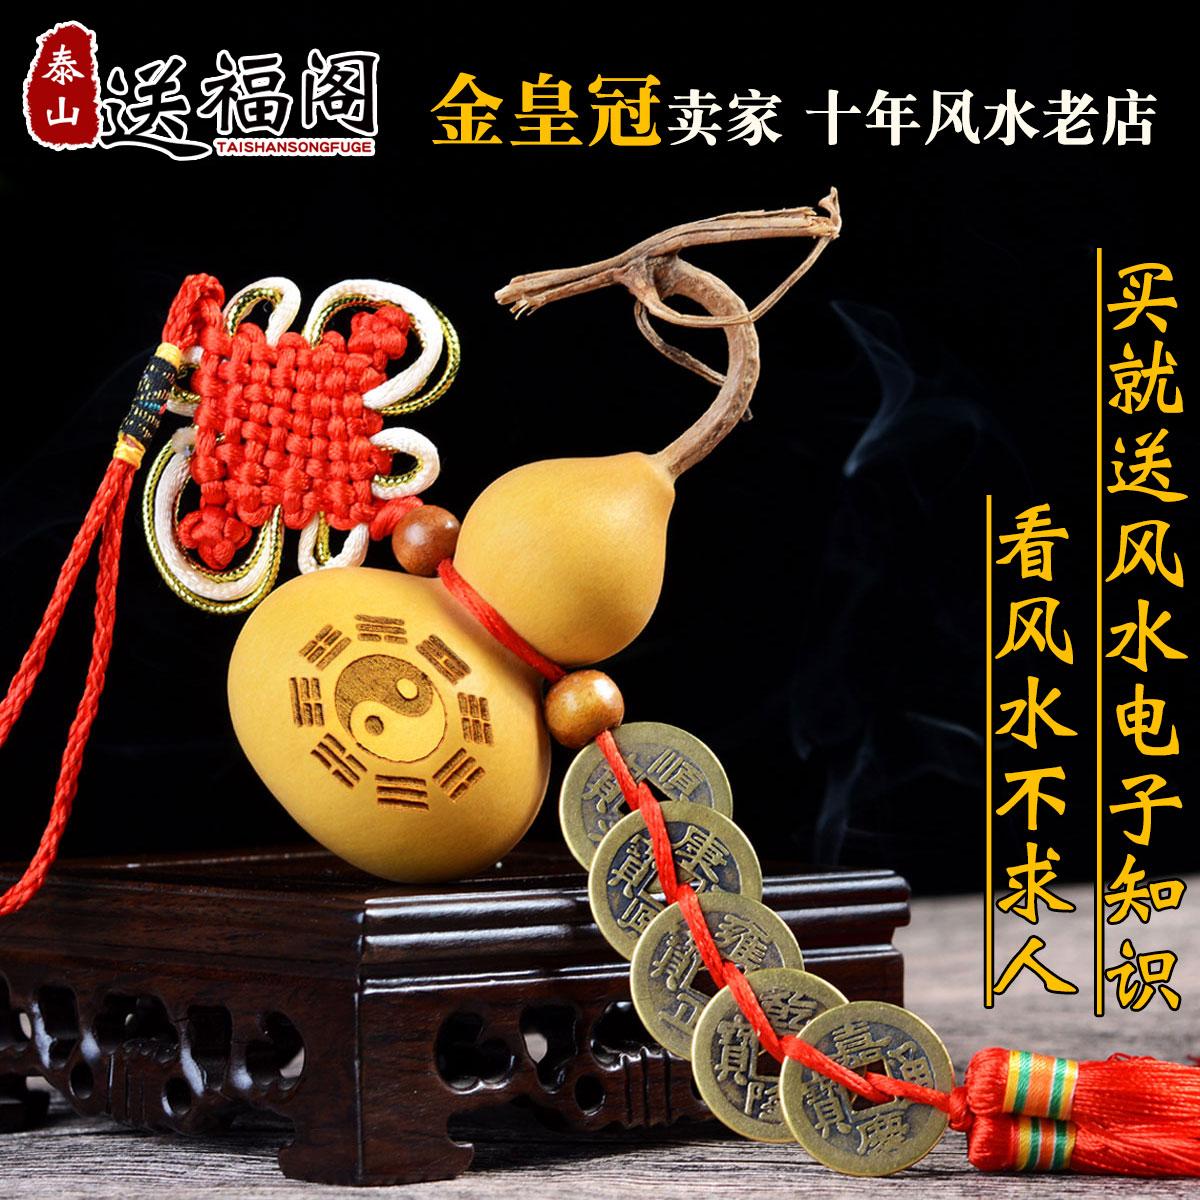 Природный тыква открытие культура играть тыква кулон домой фэн-шуй украшение счастливый городской дом зло пять императоров монеты